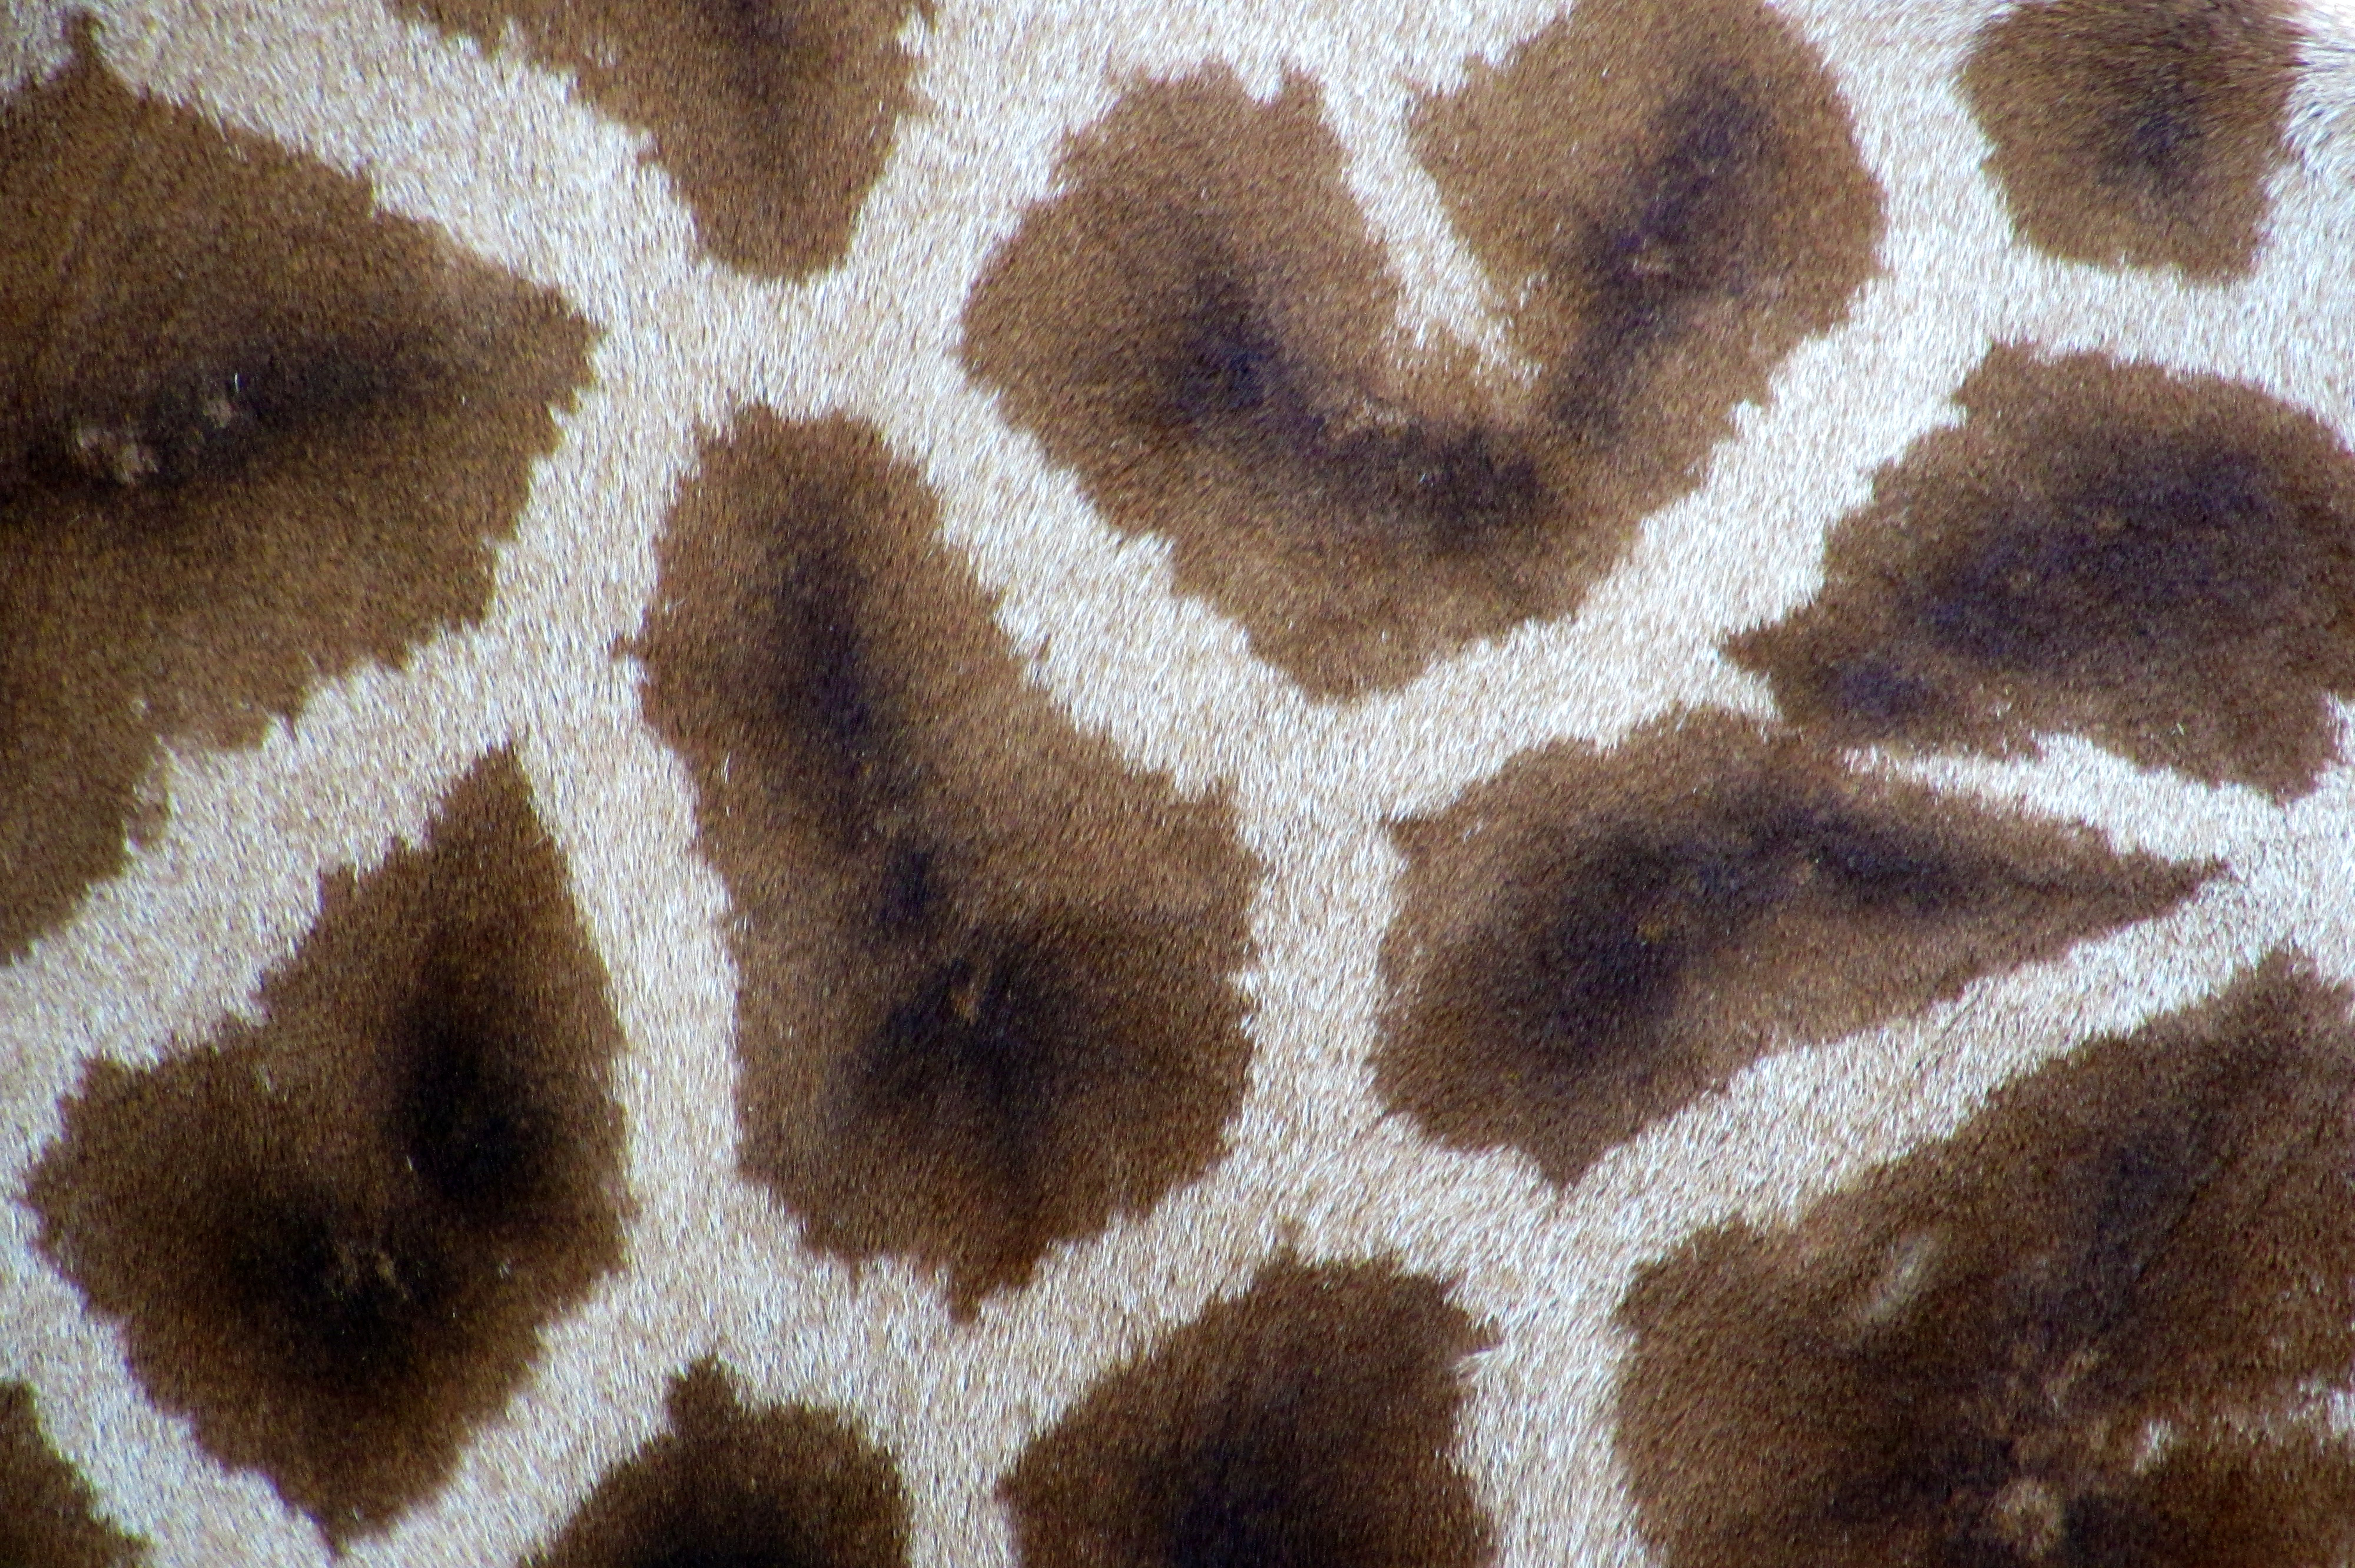 koberec, kožušina, srsť